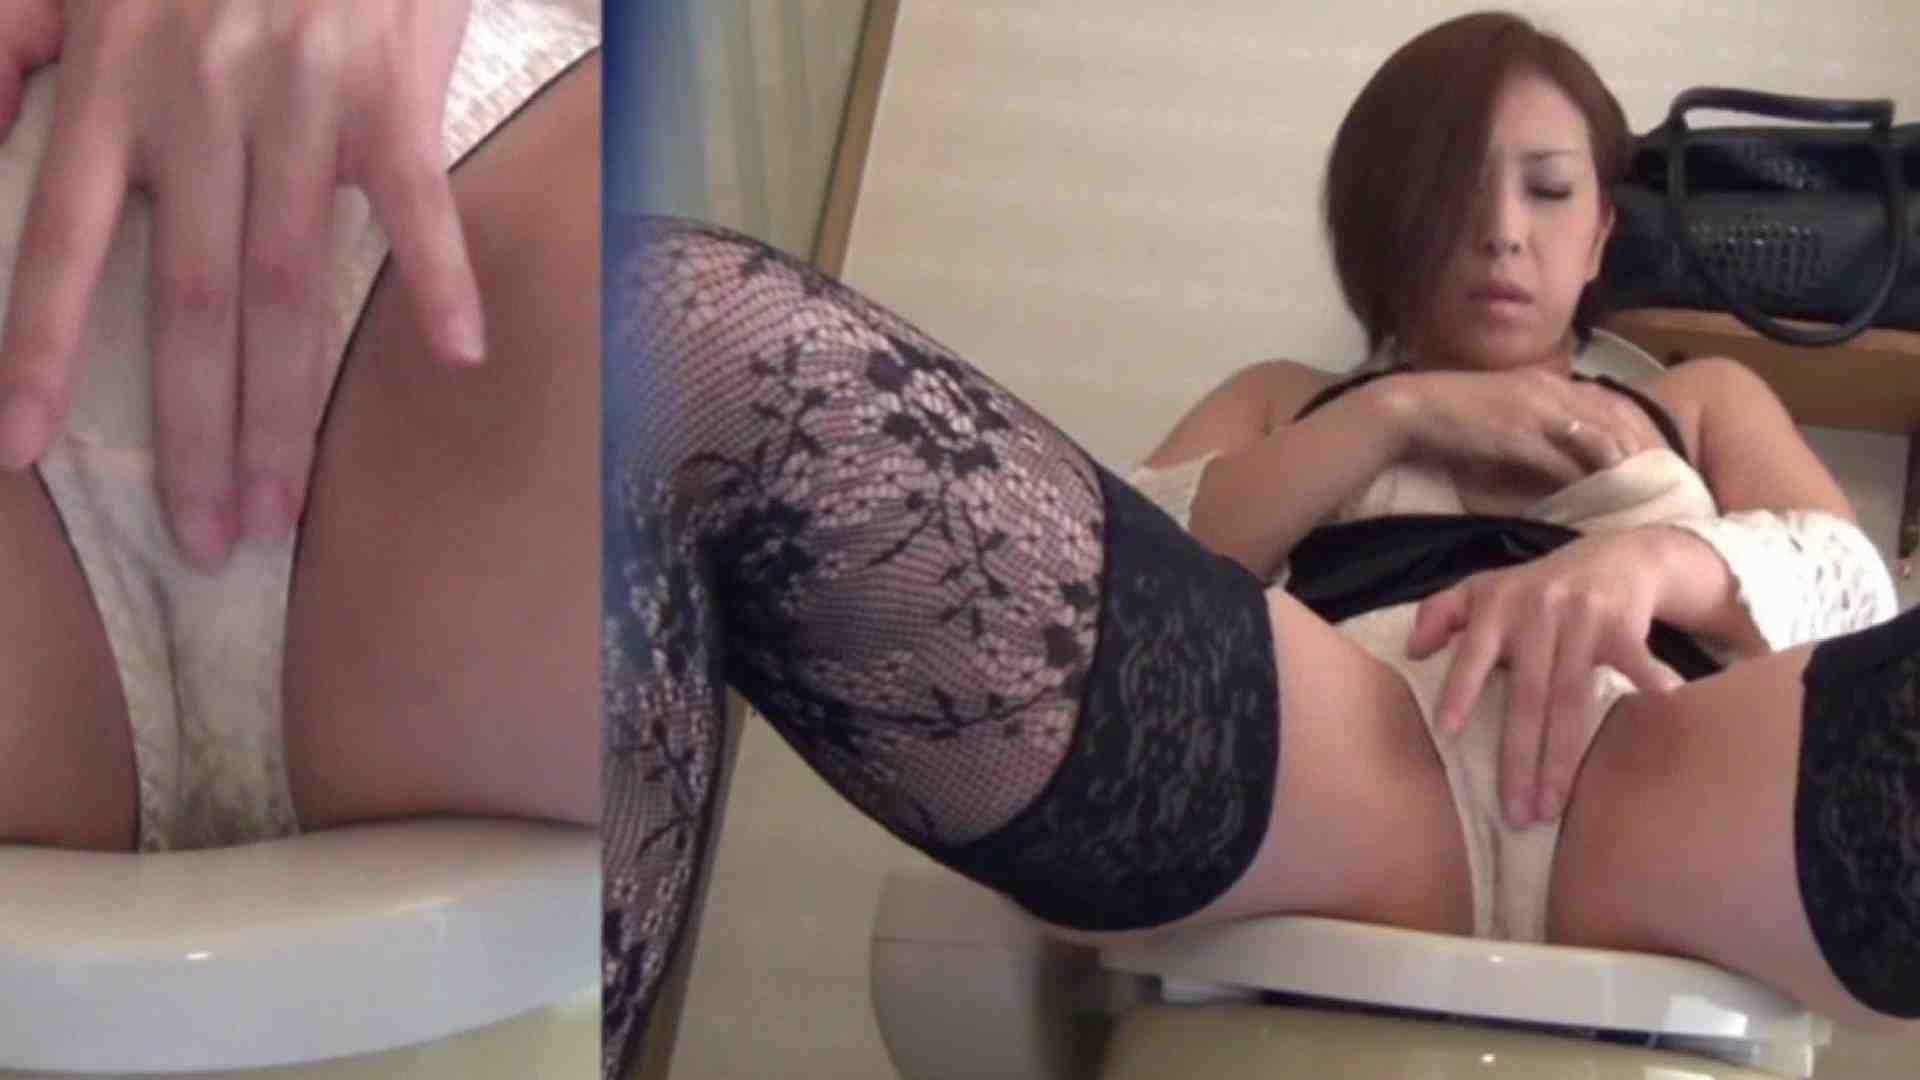 変態オナニー劇場 Vol.38 ギャル盗撮映像  85PIX 21